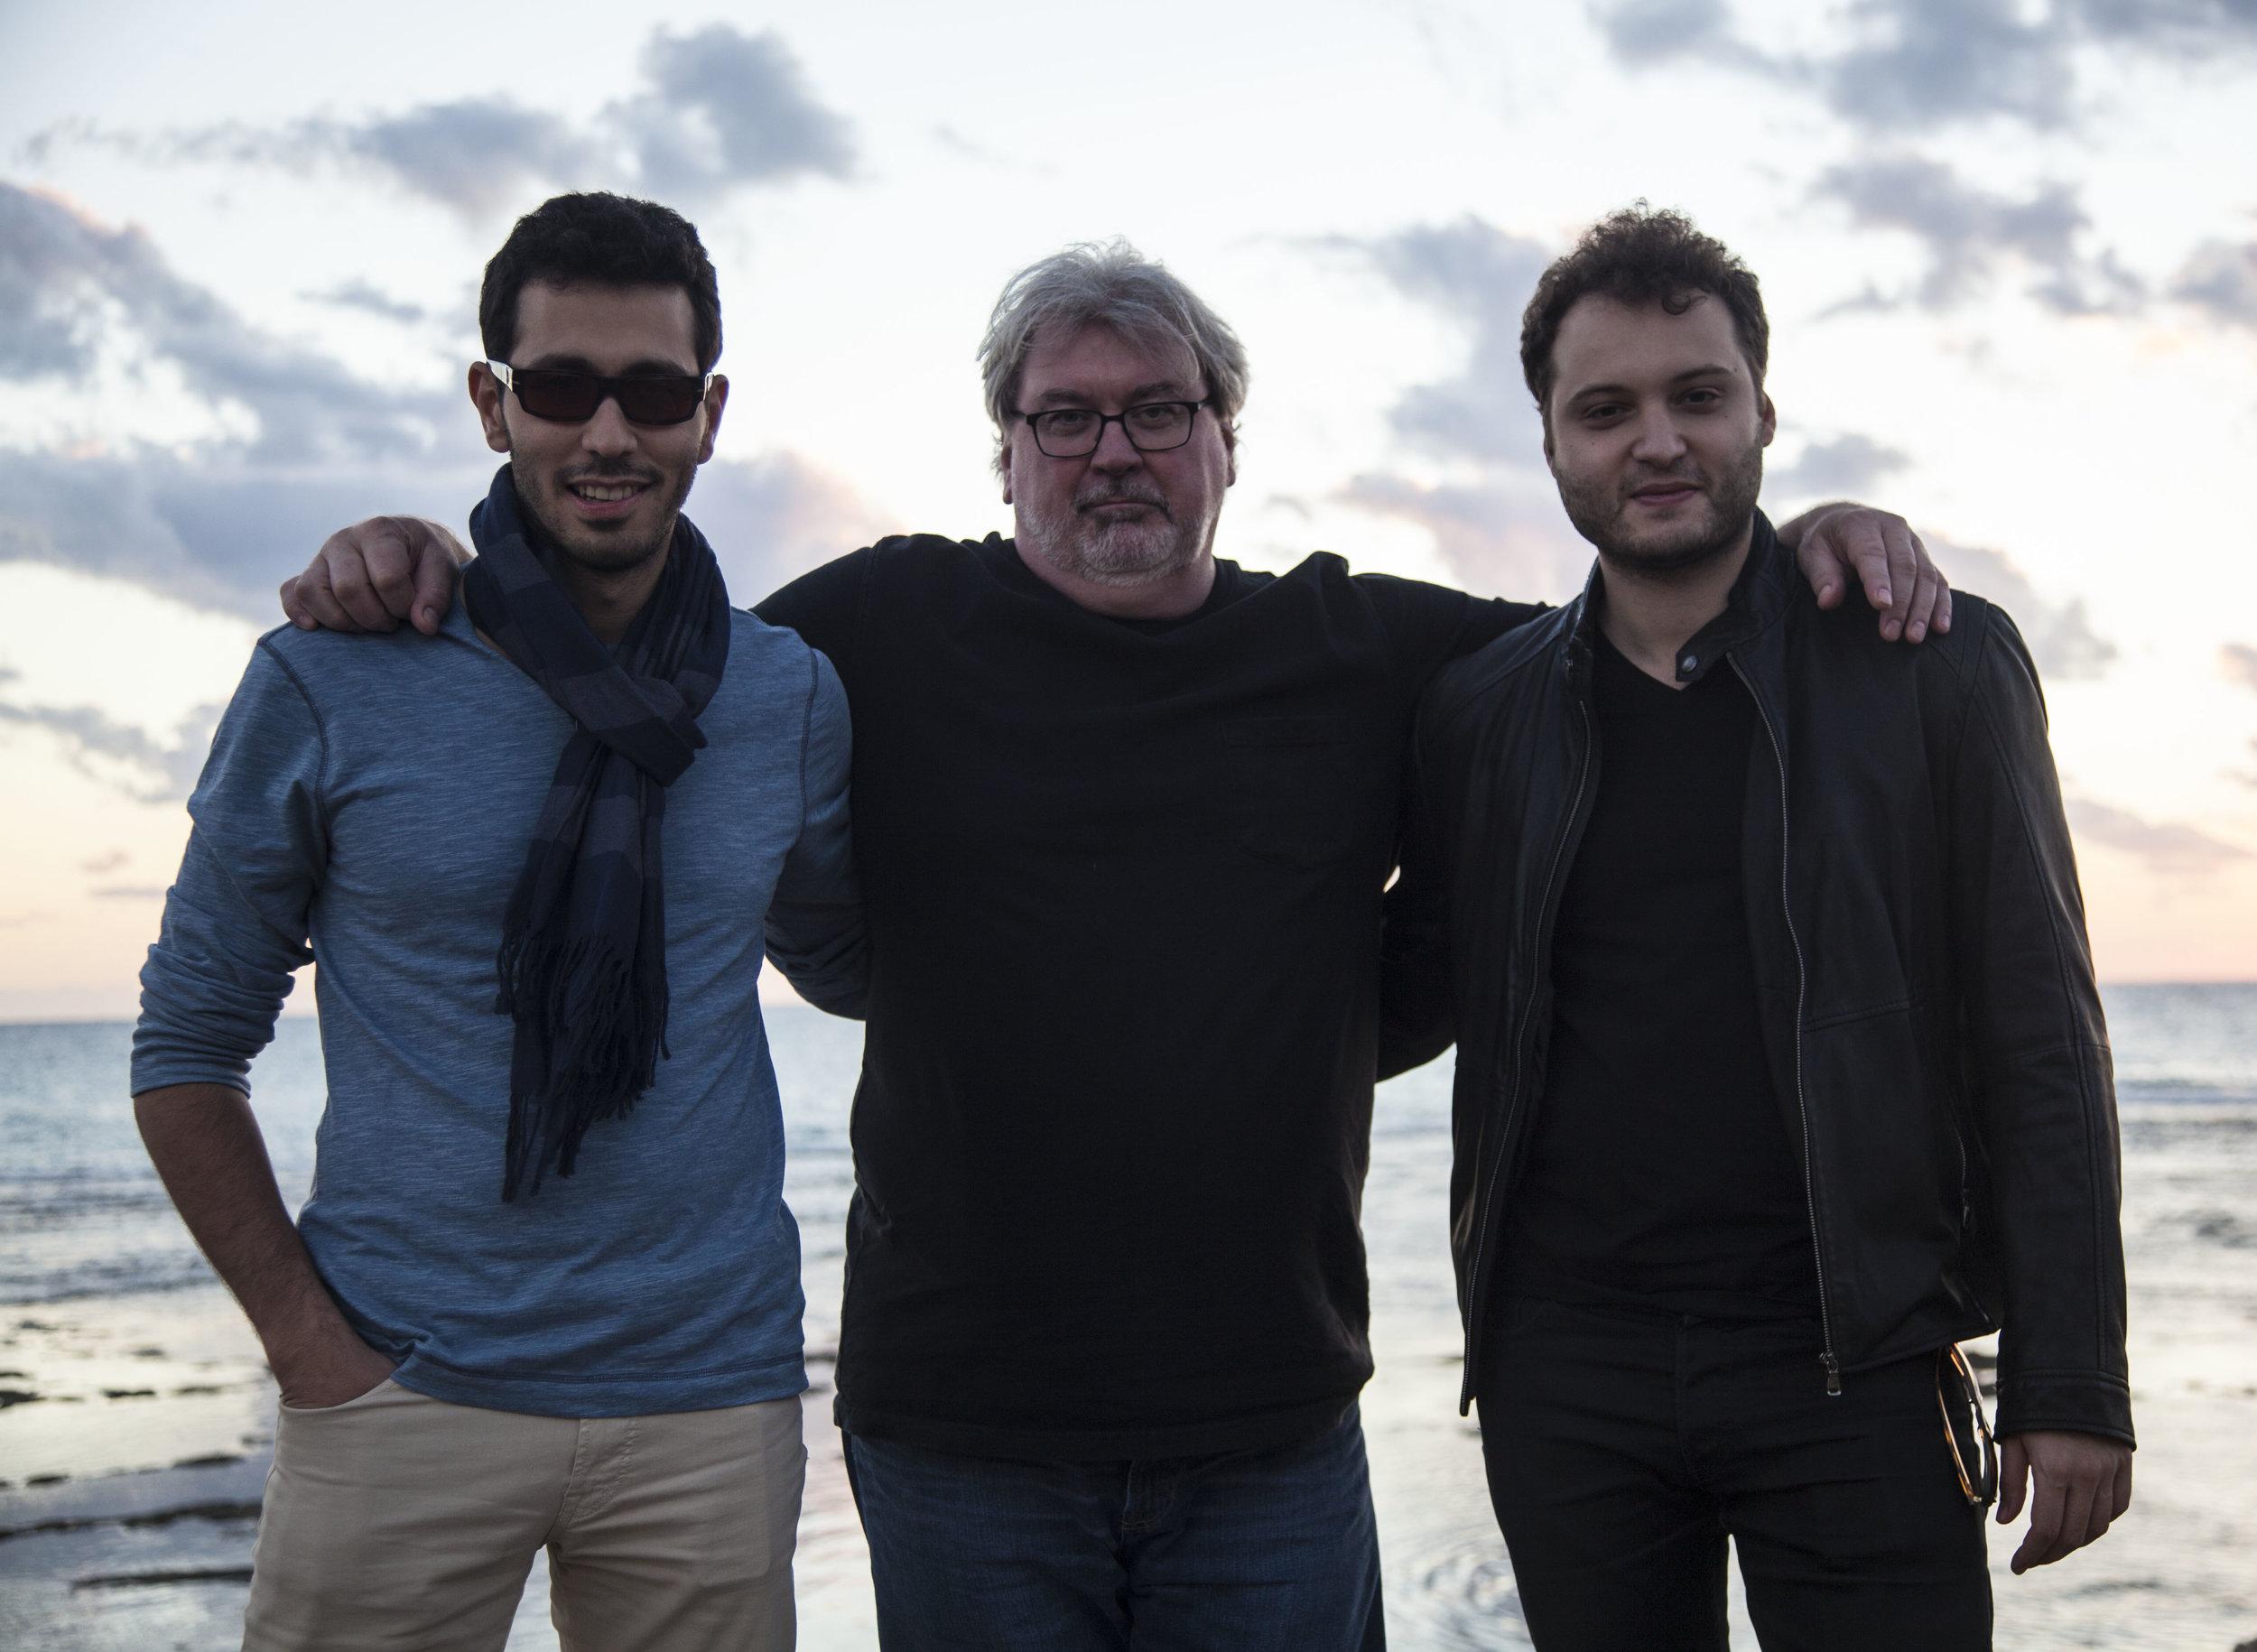 Omar Rahbany (left) with Steve Rodby (center) and Mahdi Yahya (right).